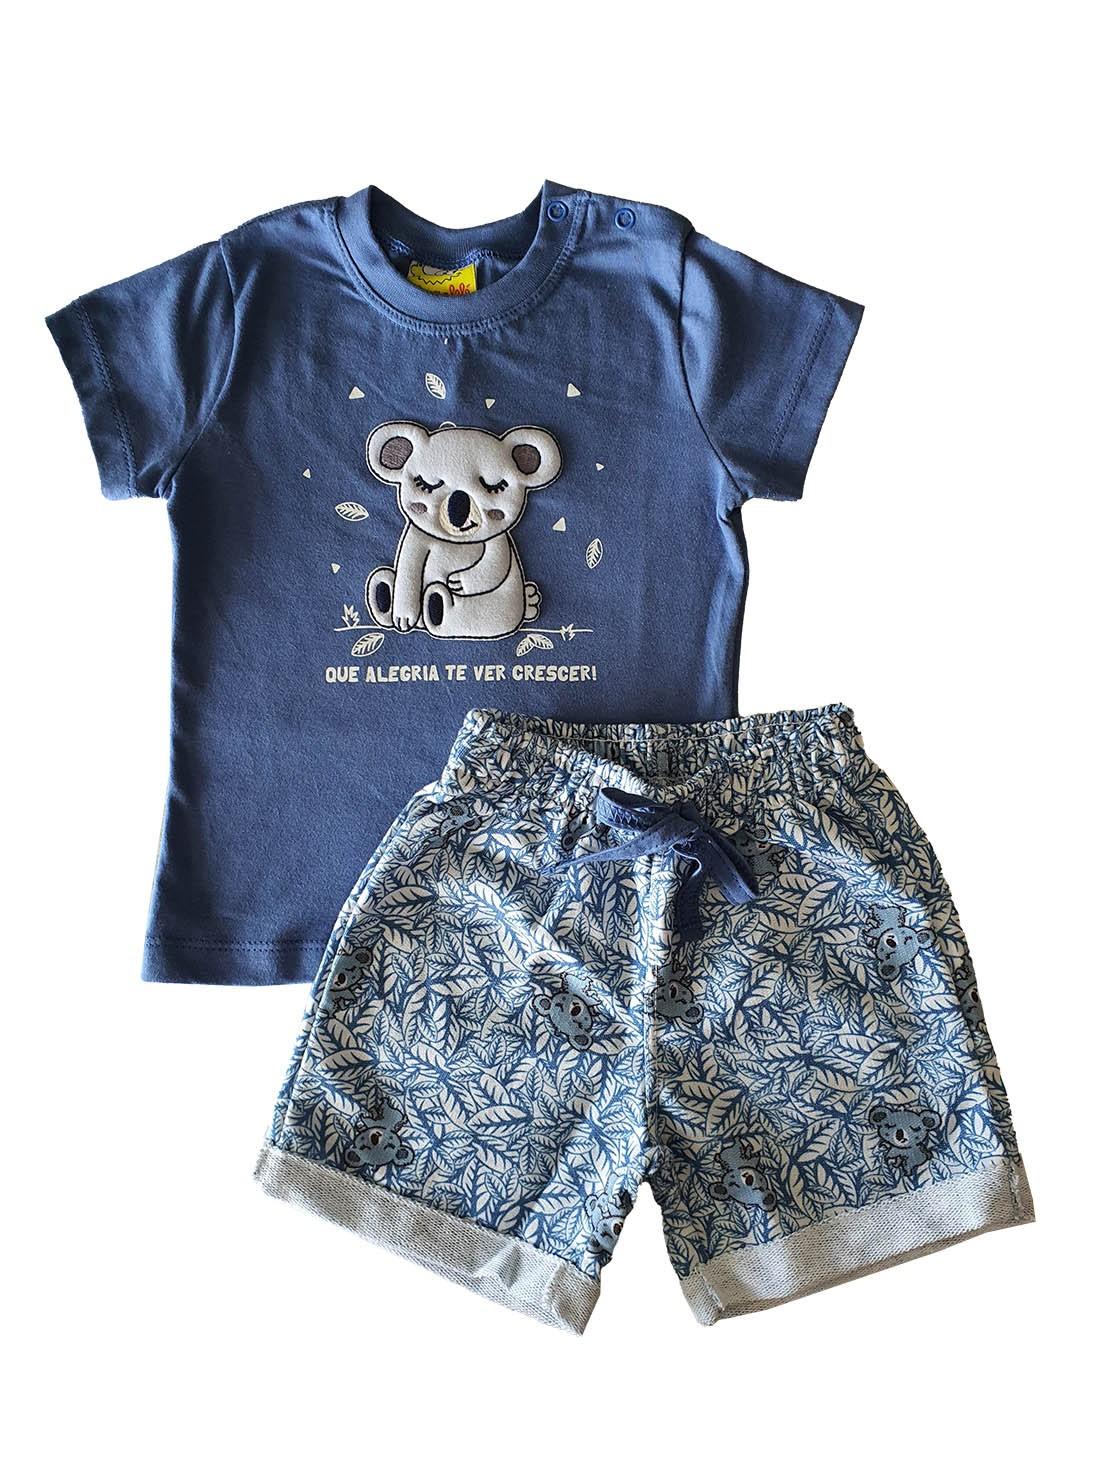 Conjunto Infantil Camiseta e Bermuda JACA-LELÉ  Coala Azul